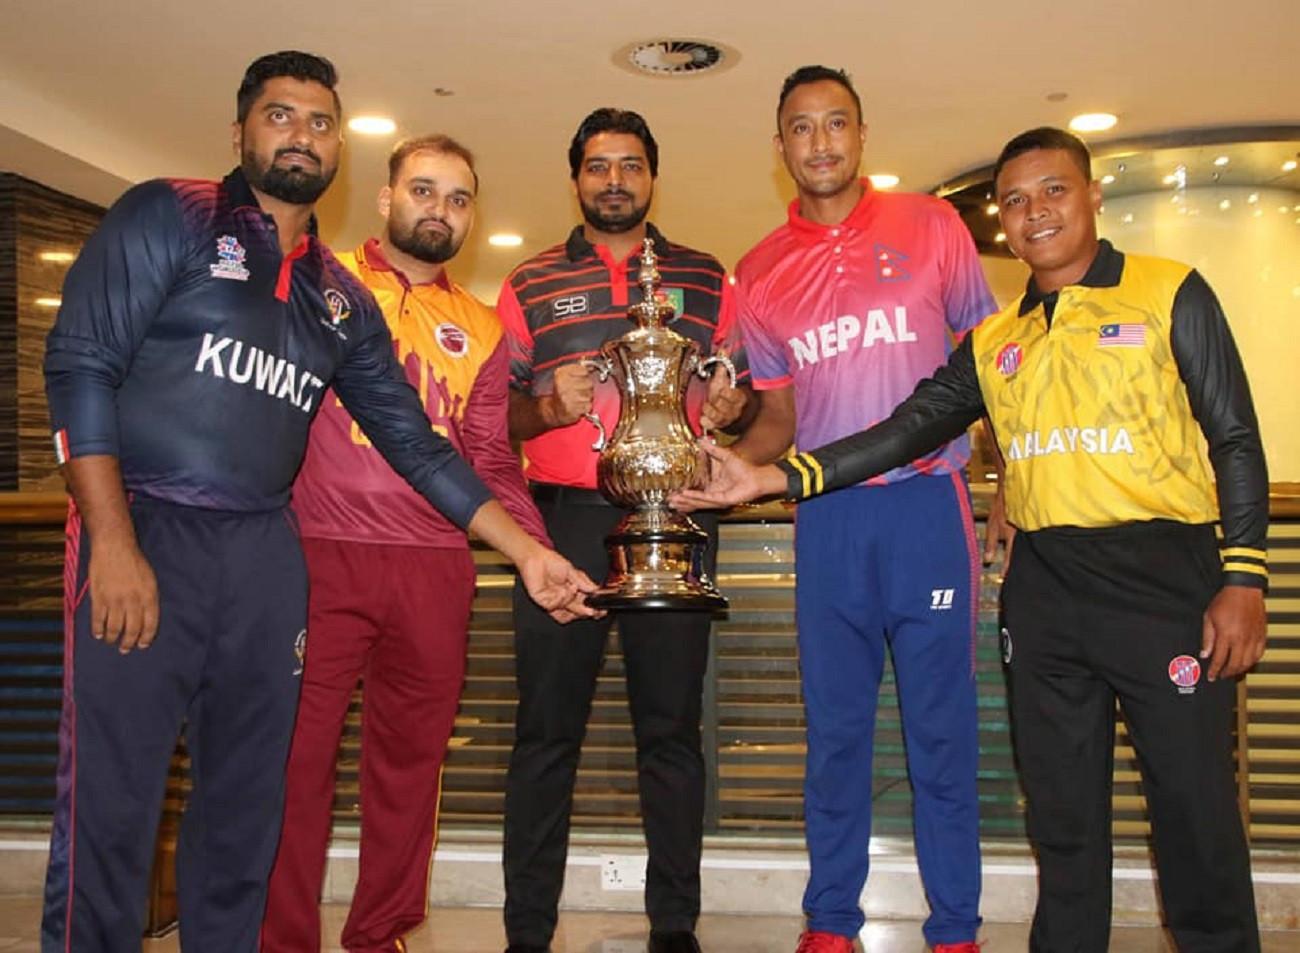 टी-२० छनोटमा नेपालविरुद्ध भिड्न लागेका ४ टिमका कप्तान के भन्छन्?